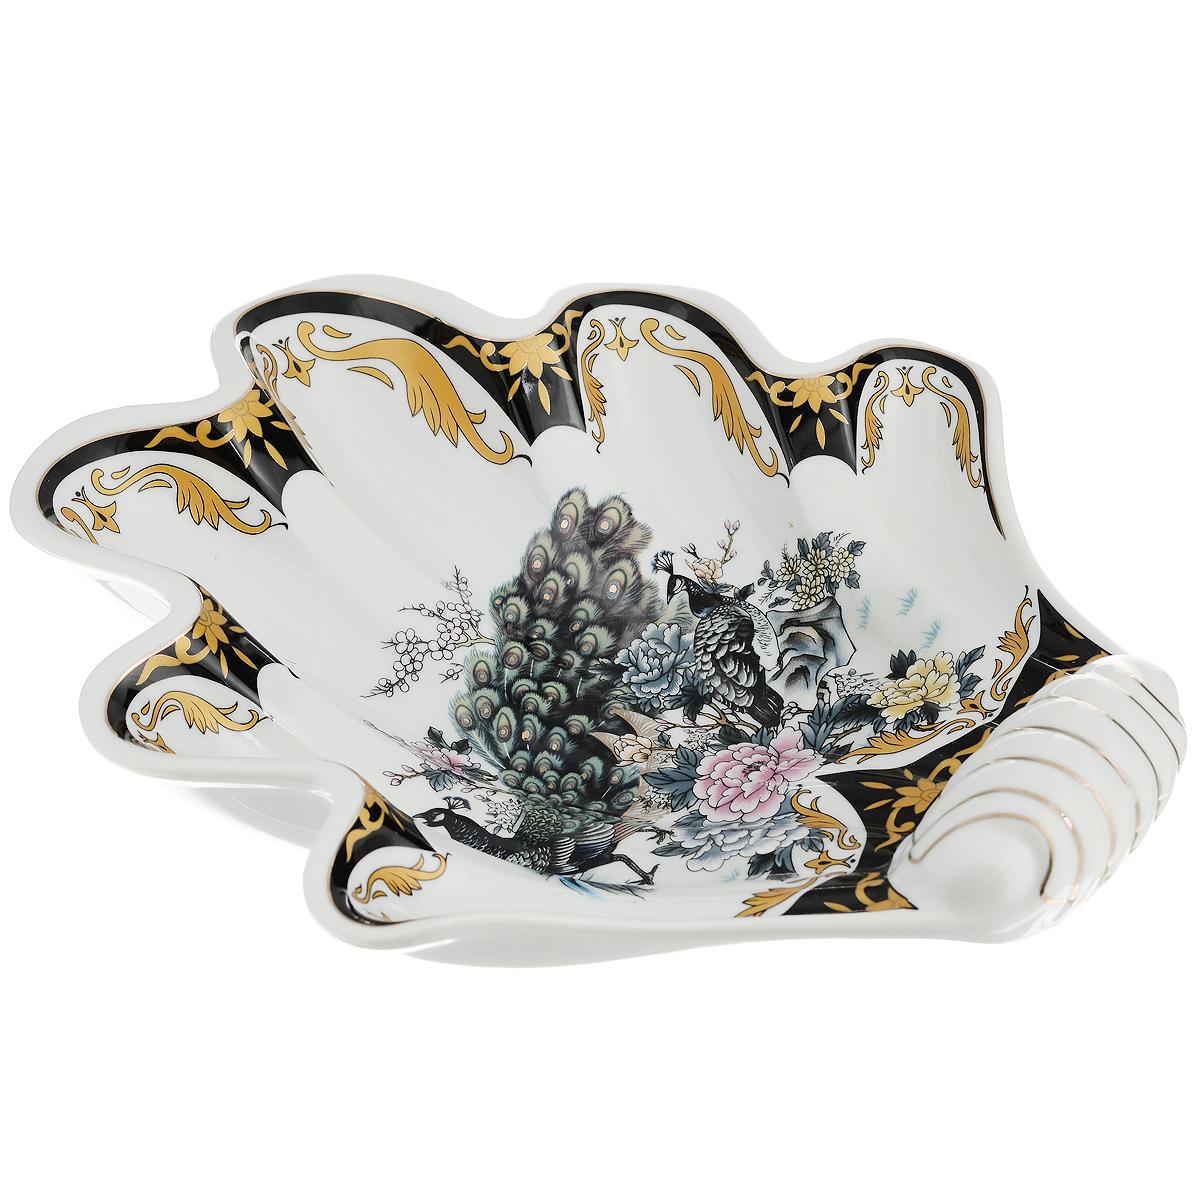 Блюдо Saguro Сказочный павлин, 22,5 см х 25 см х 5 смVT-1520(SR)Блюдо Saguro Сказочный павлин изготовлено из фарфора в виде изящной ракушки. Изделие оформлено красочным изображением павлинов.Такое блюдо сочетает в себе изысканный дизайн с максимальной функциональностью. Красочность оформления и необычная форма блюда придется по вкусу тем, кто предпочитает утонченность и изящность. Оригинальное блюдо украсит сервировку вашего стола и подчеркнет прекрасный вкус хозяйки, а также станет отличным подарком.Не использовать в микроволновой печи. Не применять абразивные чистящие вещества.